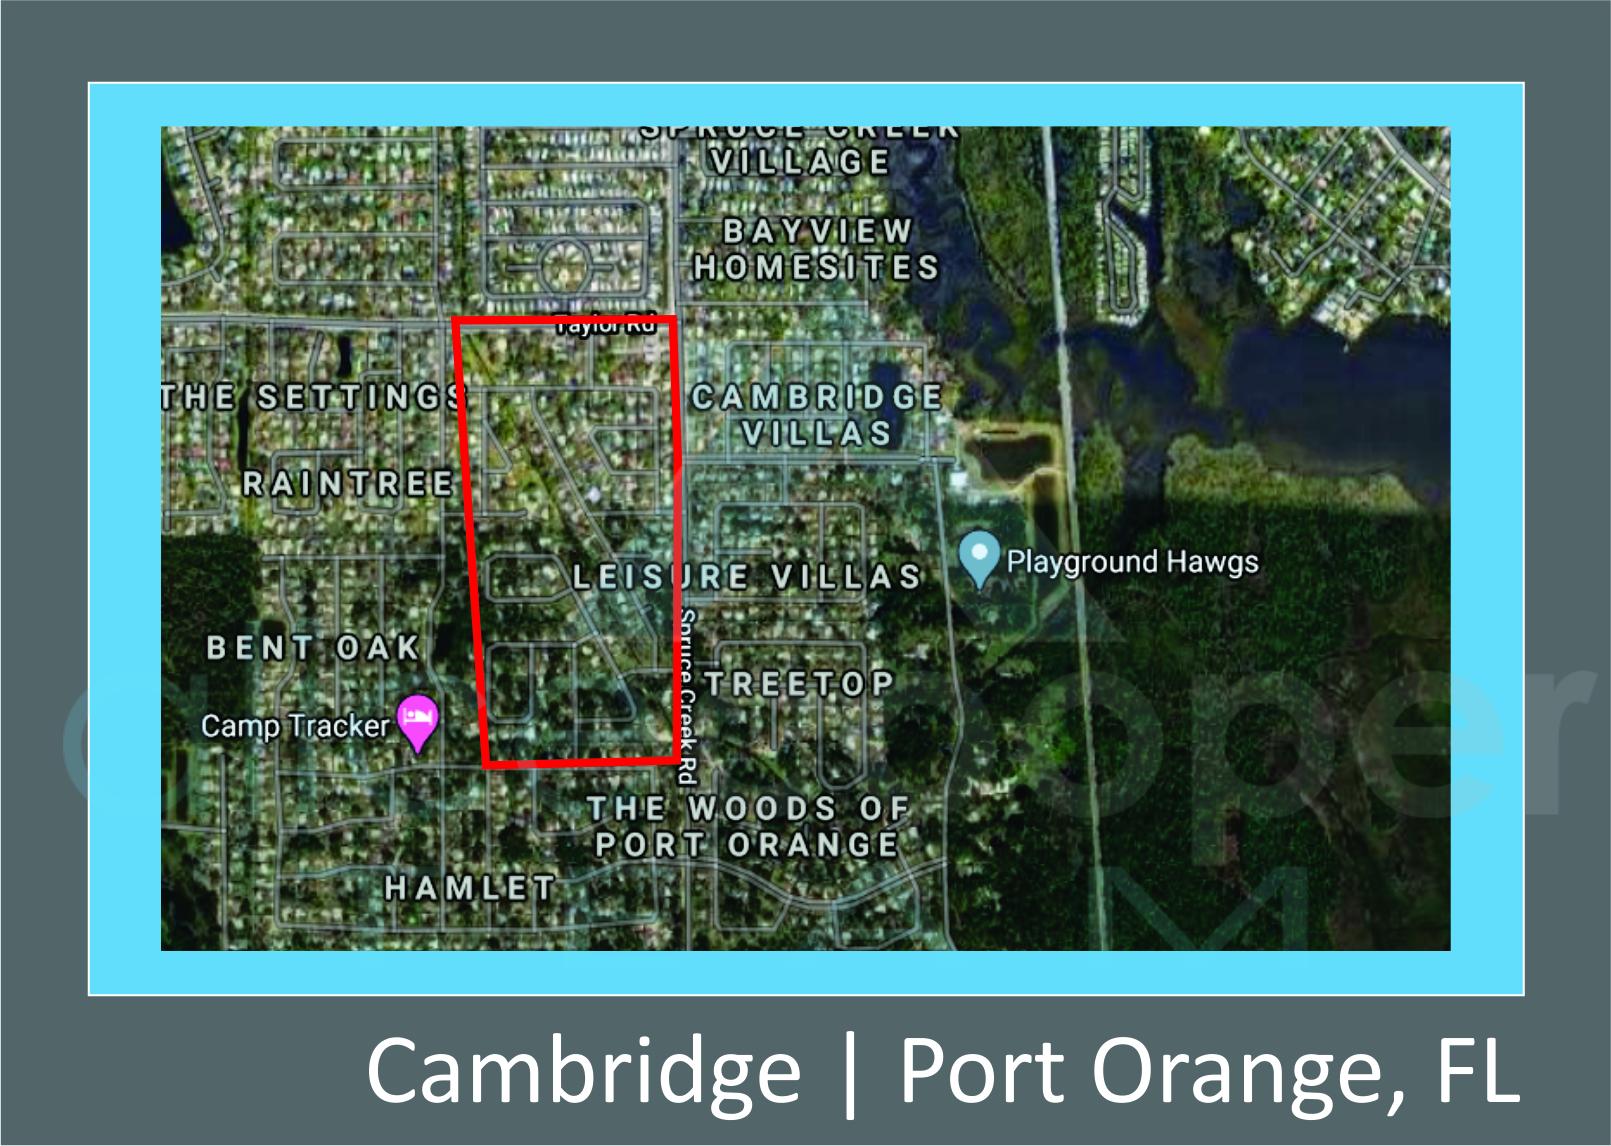 Map of Cambridge, Port Orange, FL